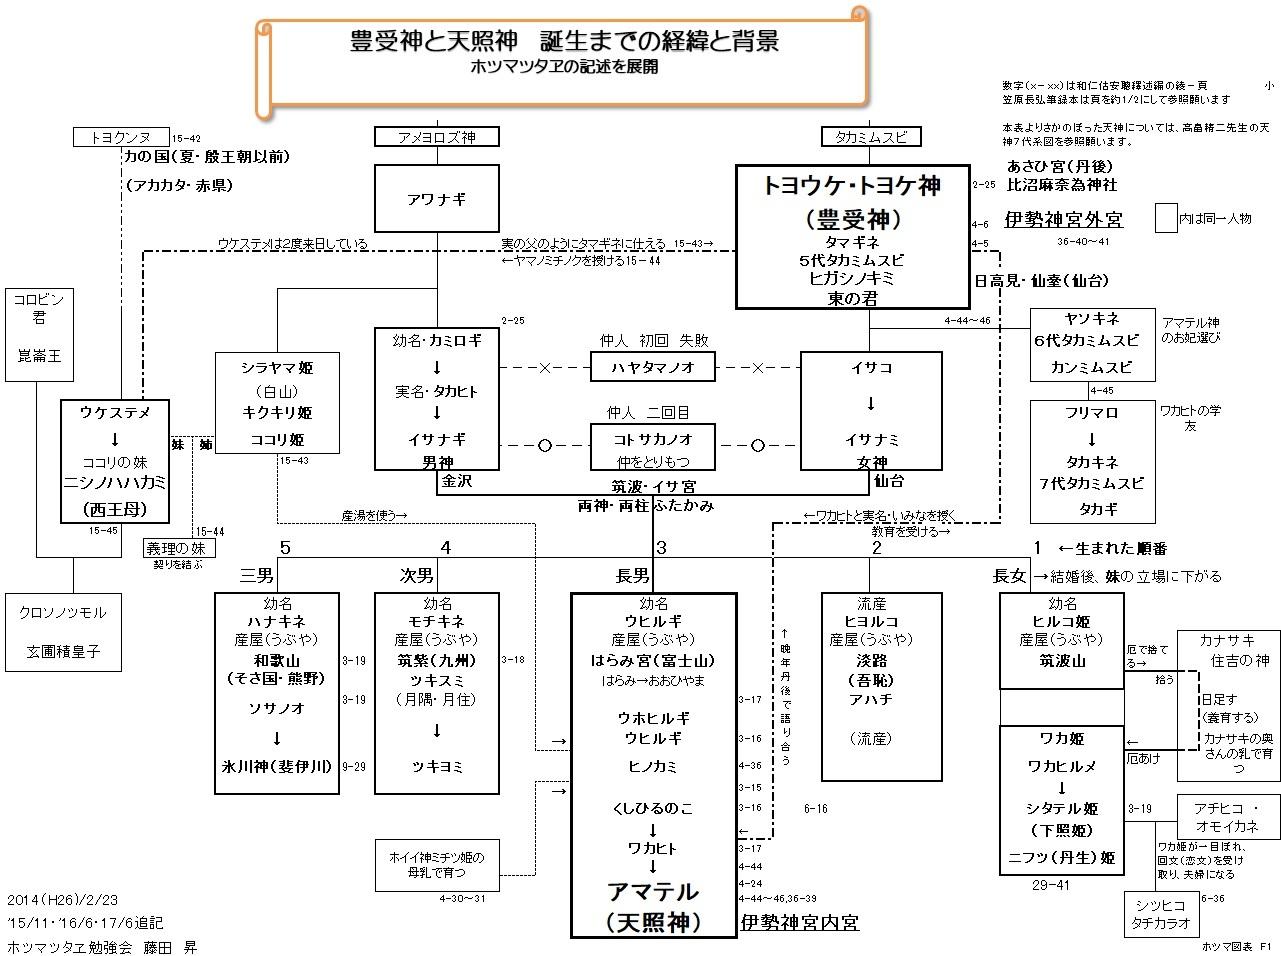 ホツマ図表 F1 豊受神と天照神誕生の経緯と背景